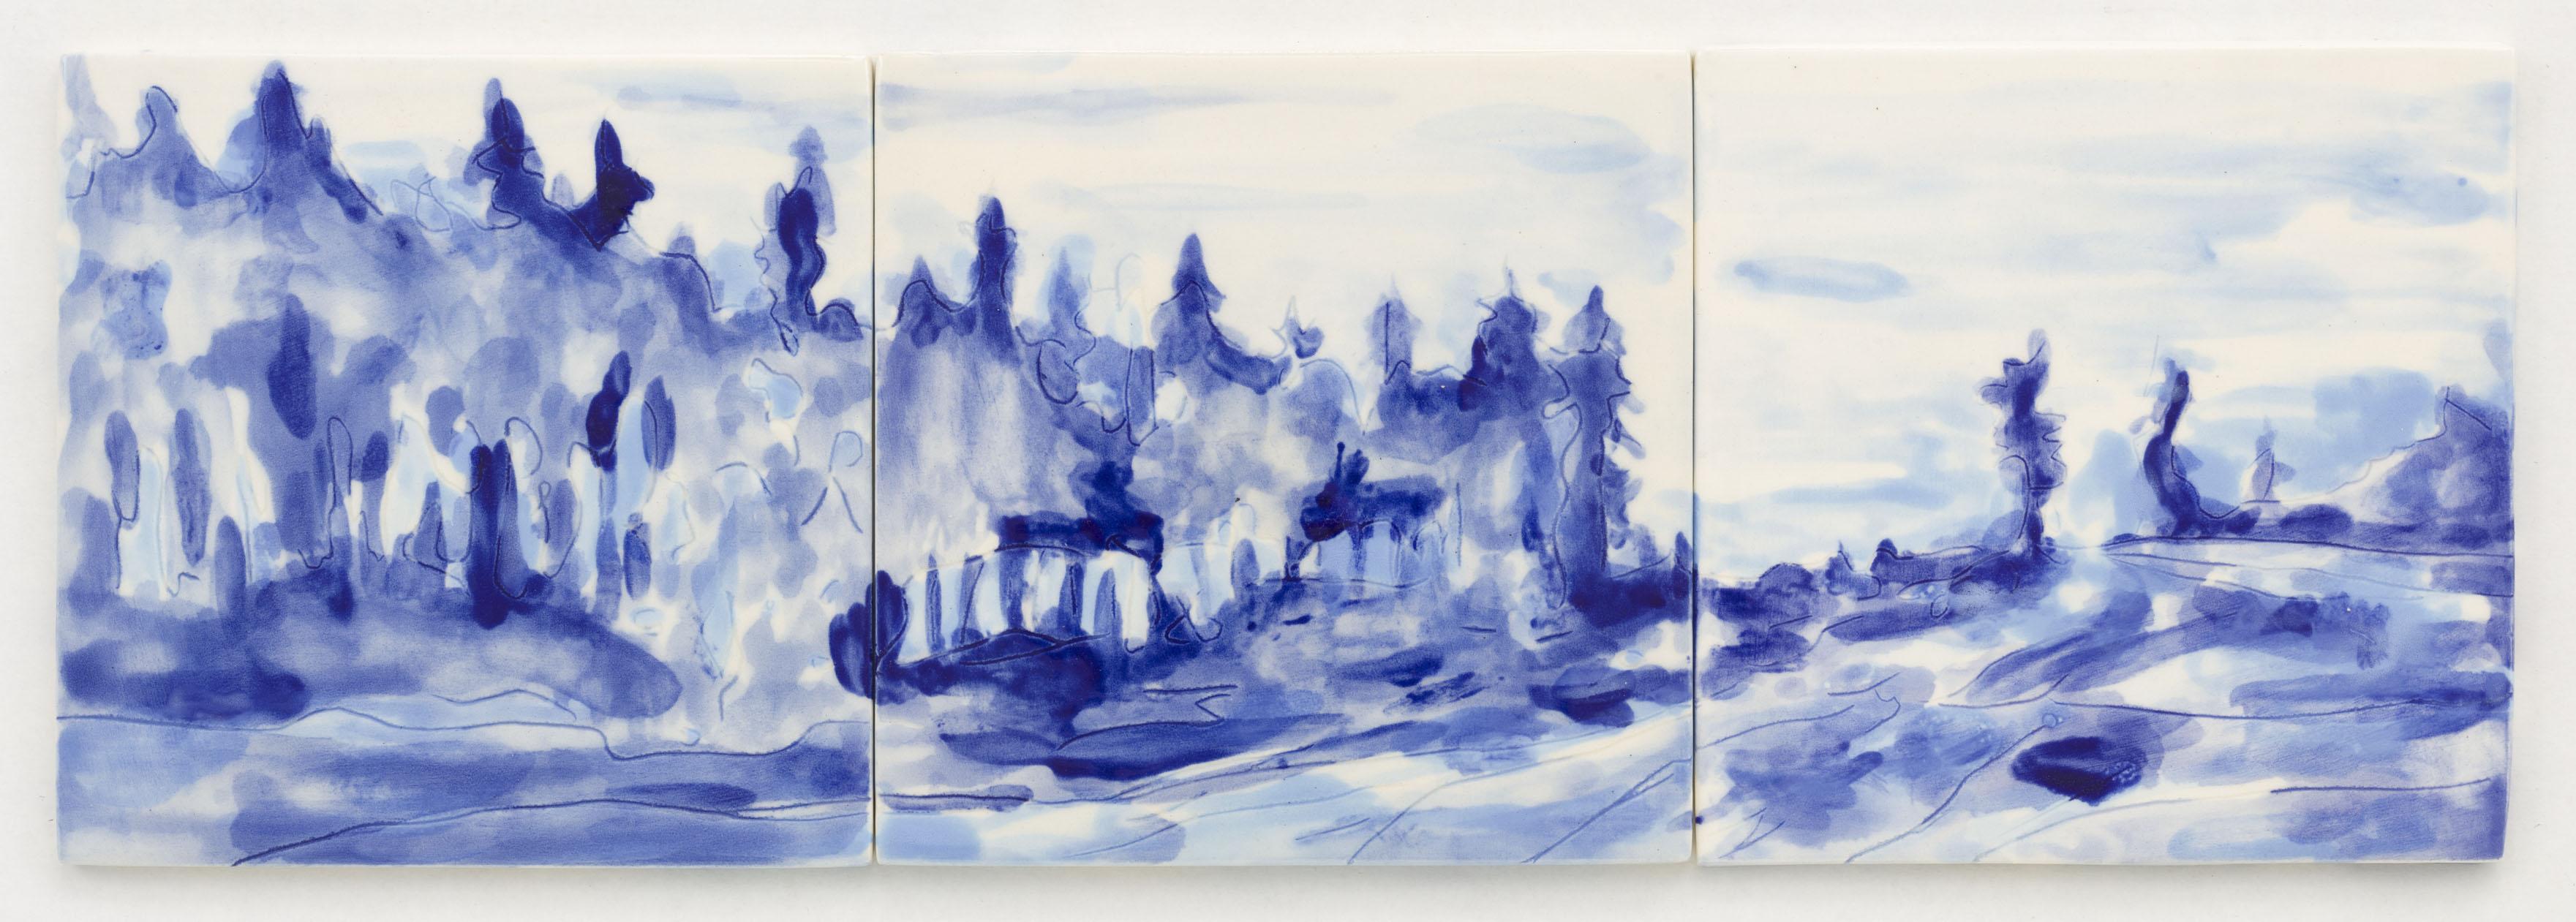 """""""Azulejo VIII"""", 1 x 3 painted ceramic tiles, 15 x 45 cm., NL 2012"""